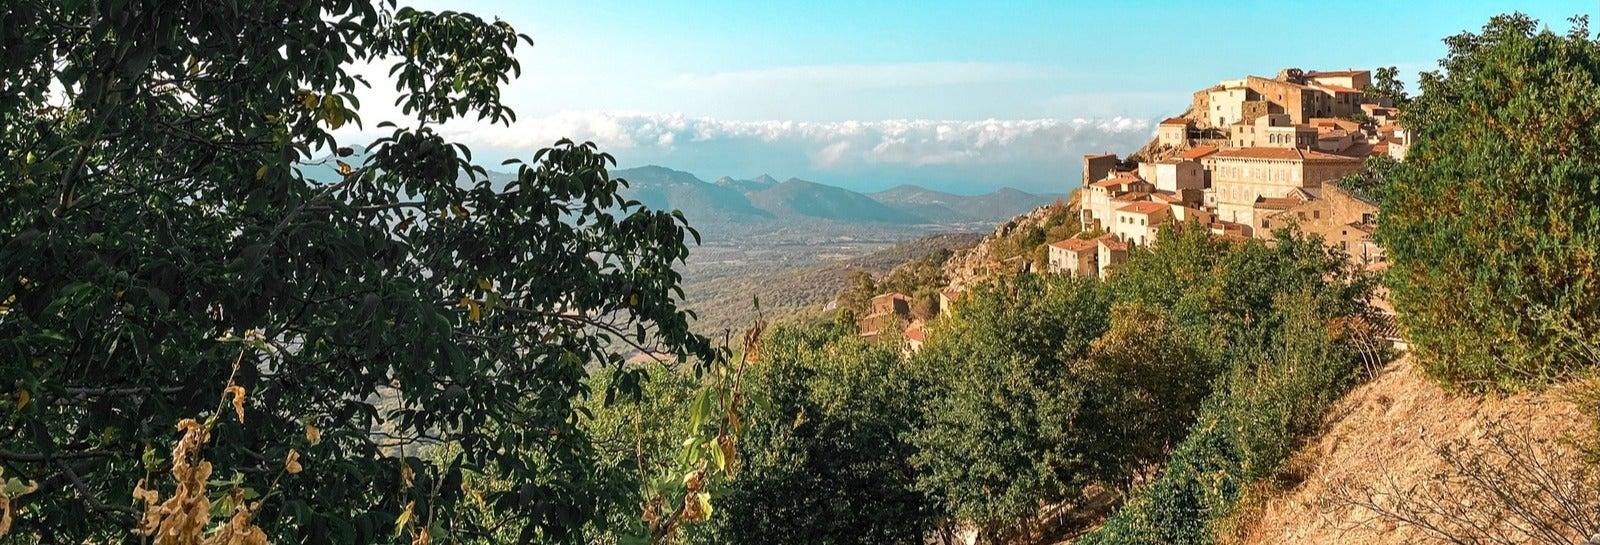 Tour por los pueblos de la Balagne en español